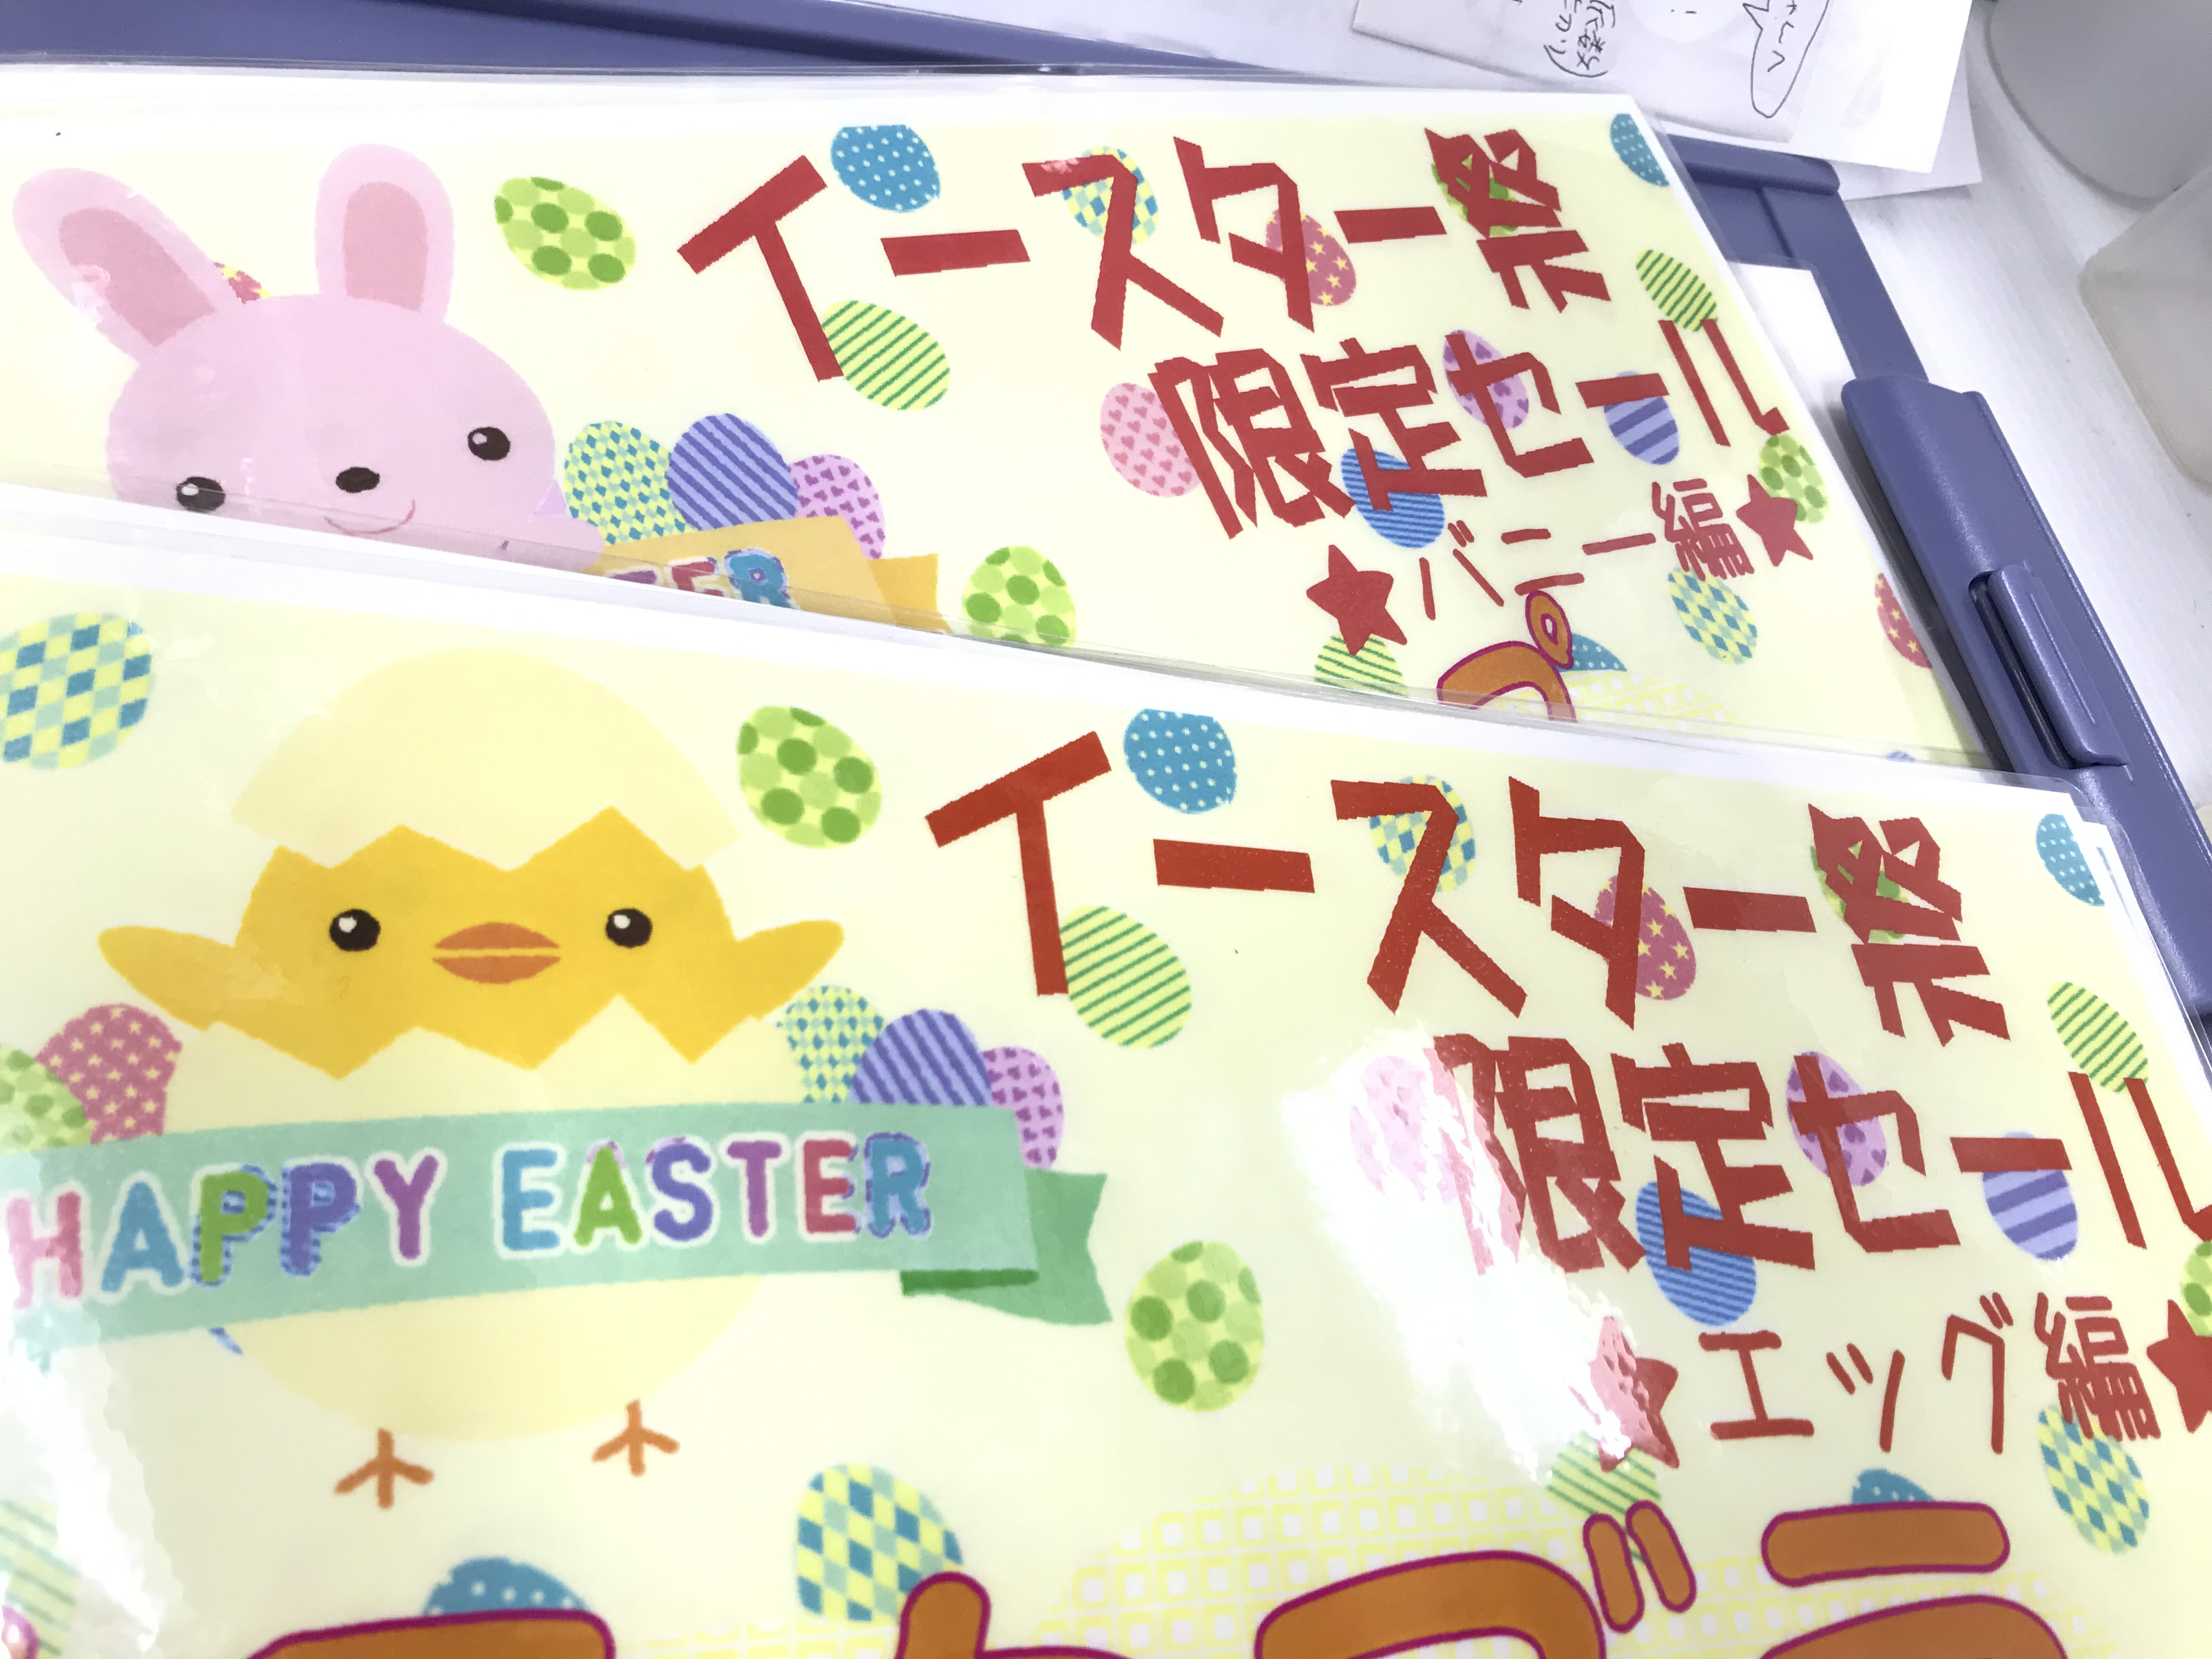 【インター小動物】イースター祭限定セールは日曜日まで!!【今週土日は要チェック】